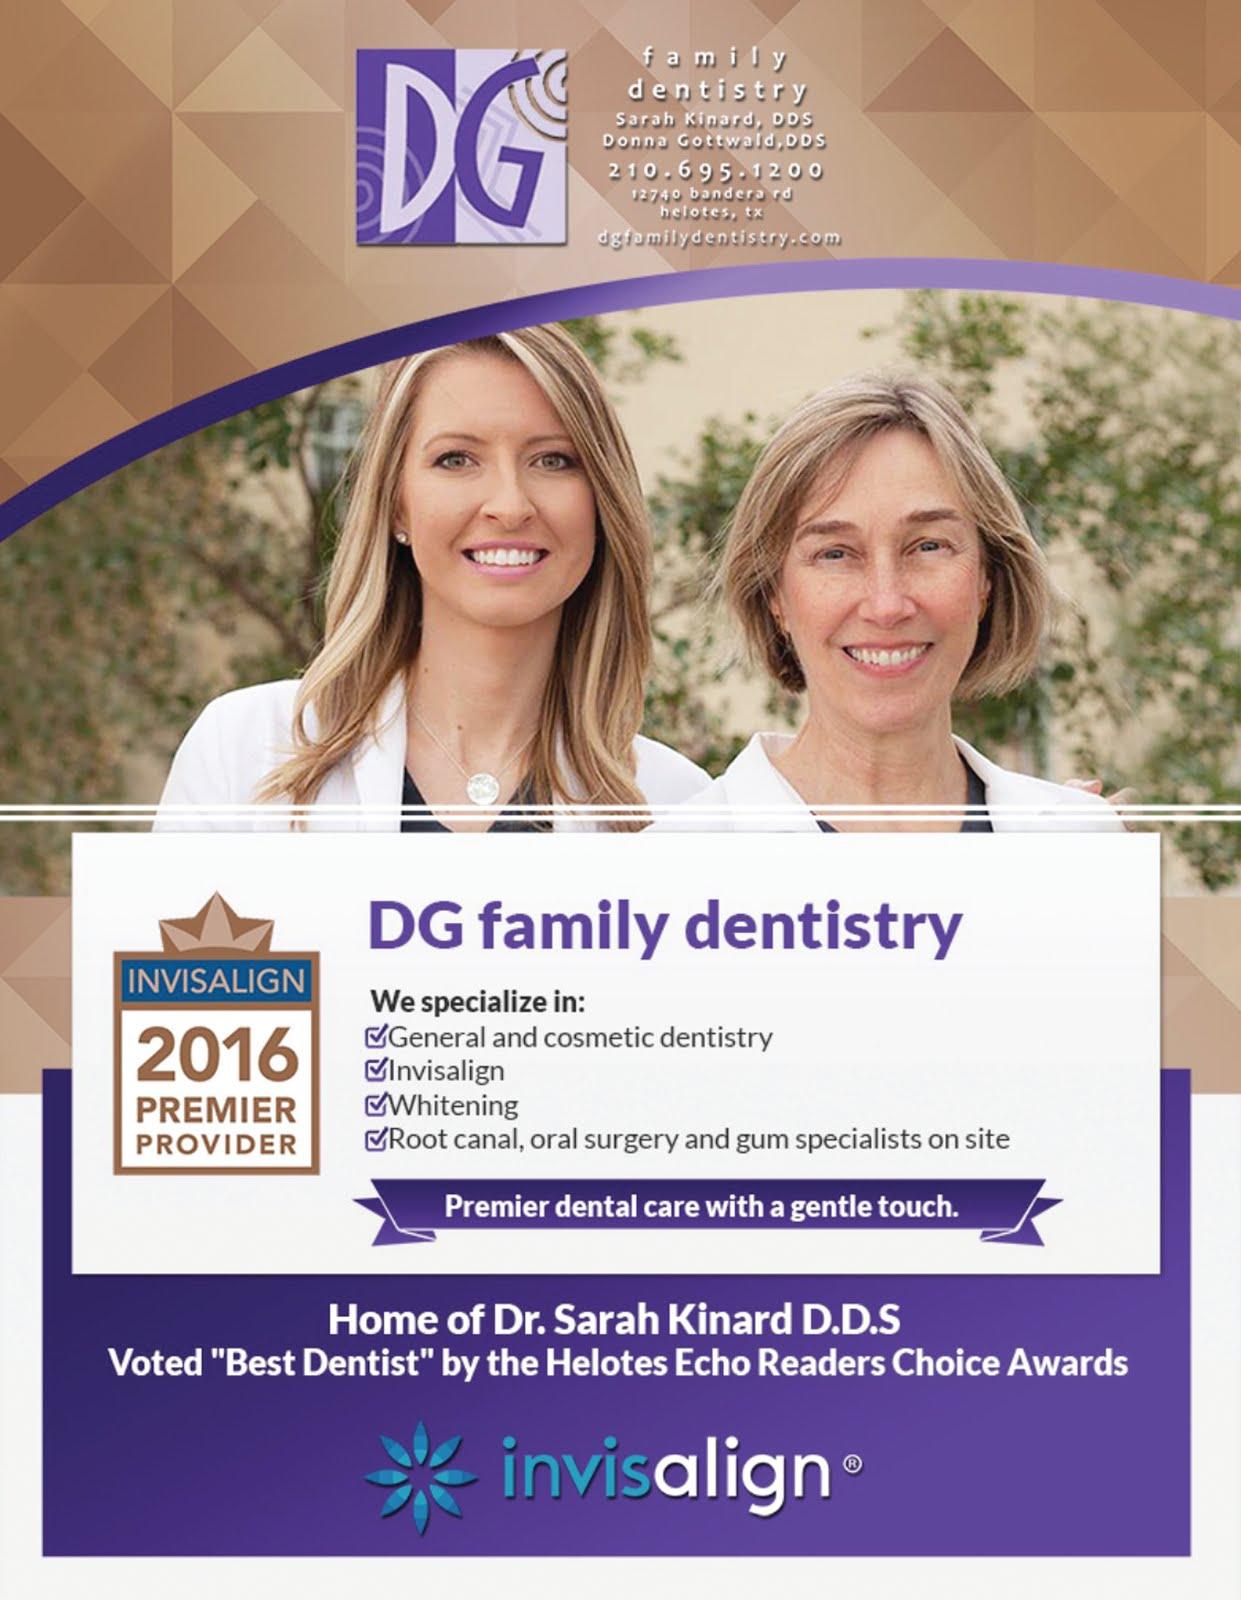 DG Family Dentistry